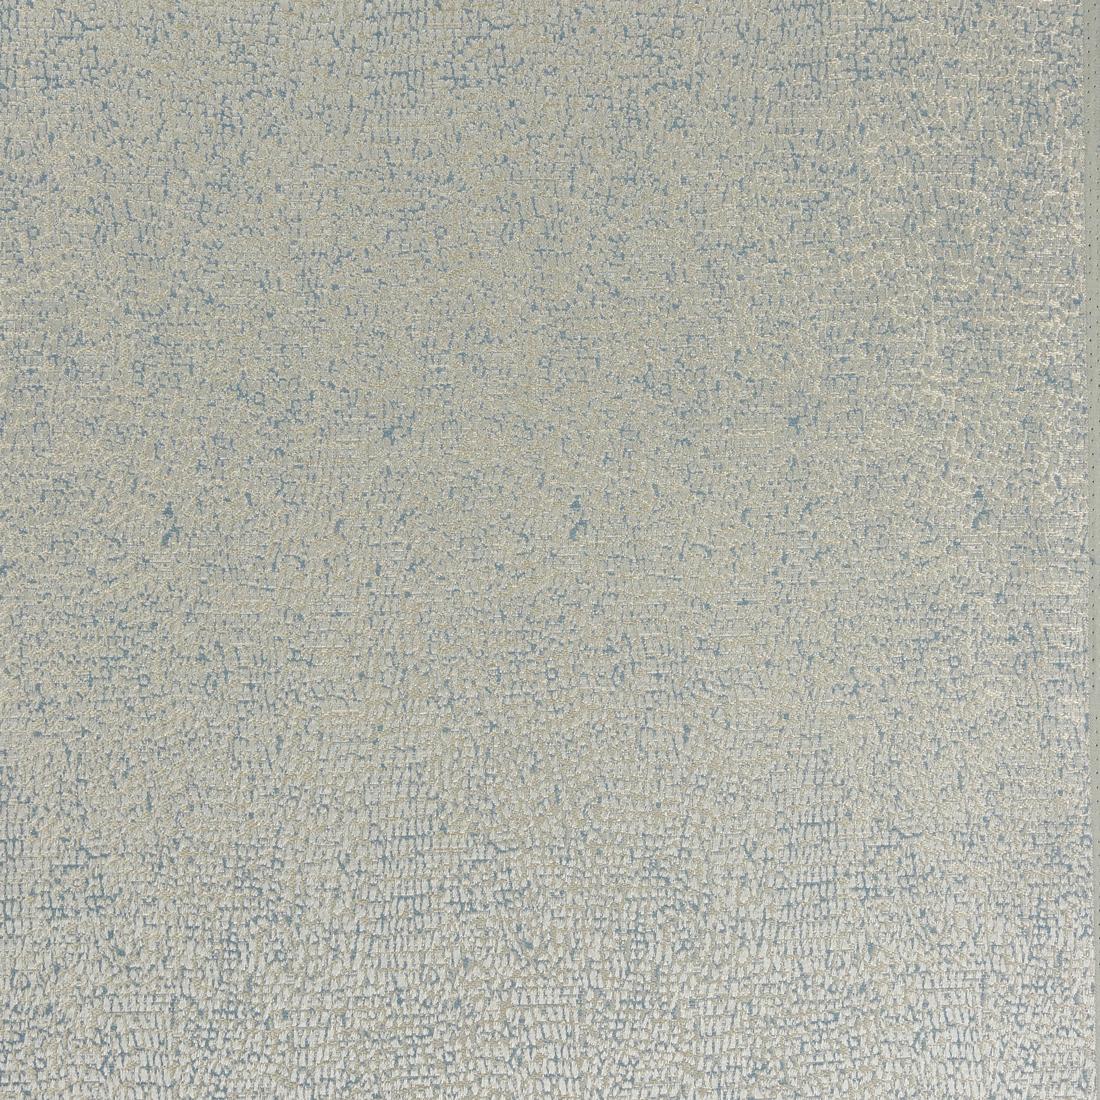 Serpa Seafoam Upholstery Fabric